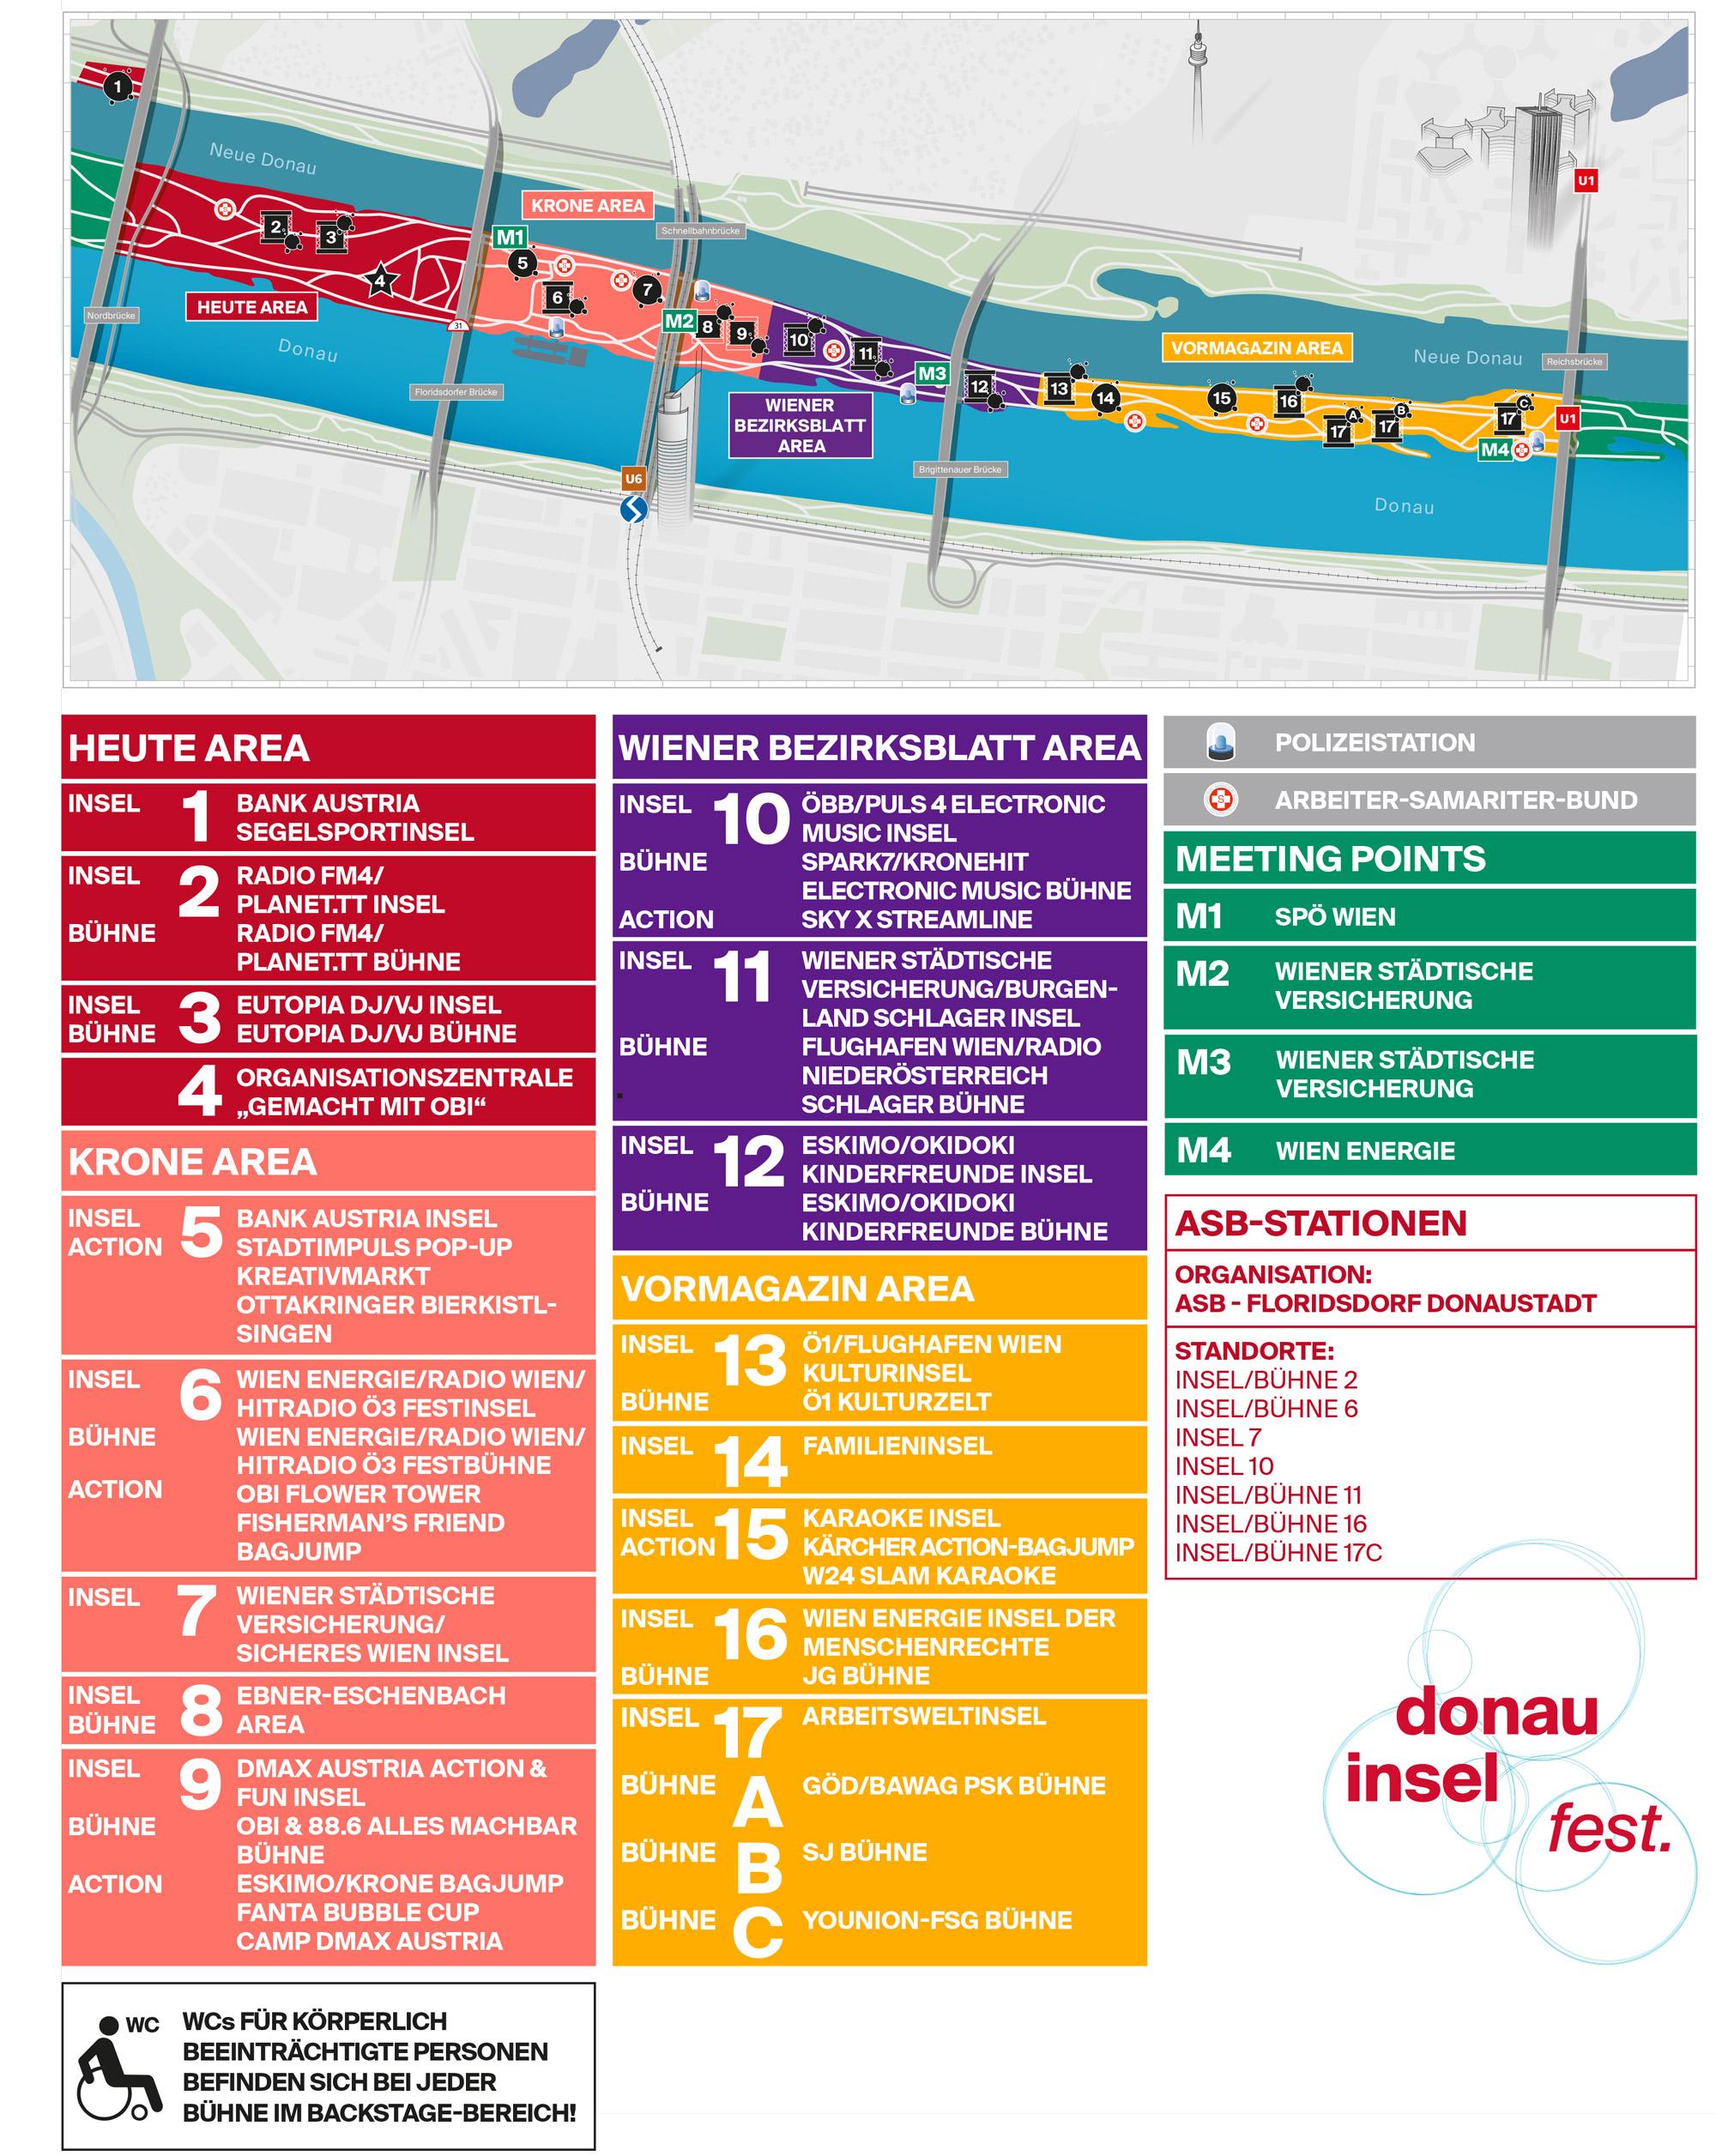 Donauinselfest 2019 Alle Infos Inkl Programm Und Ubersichtsplan Viennainside At